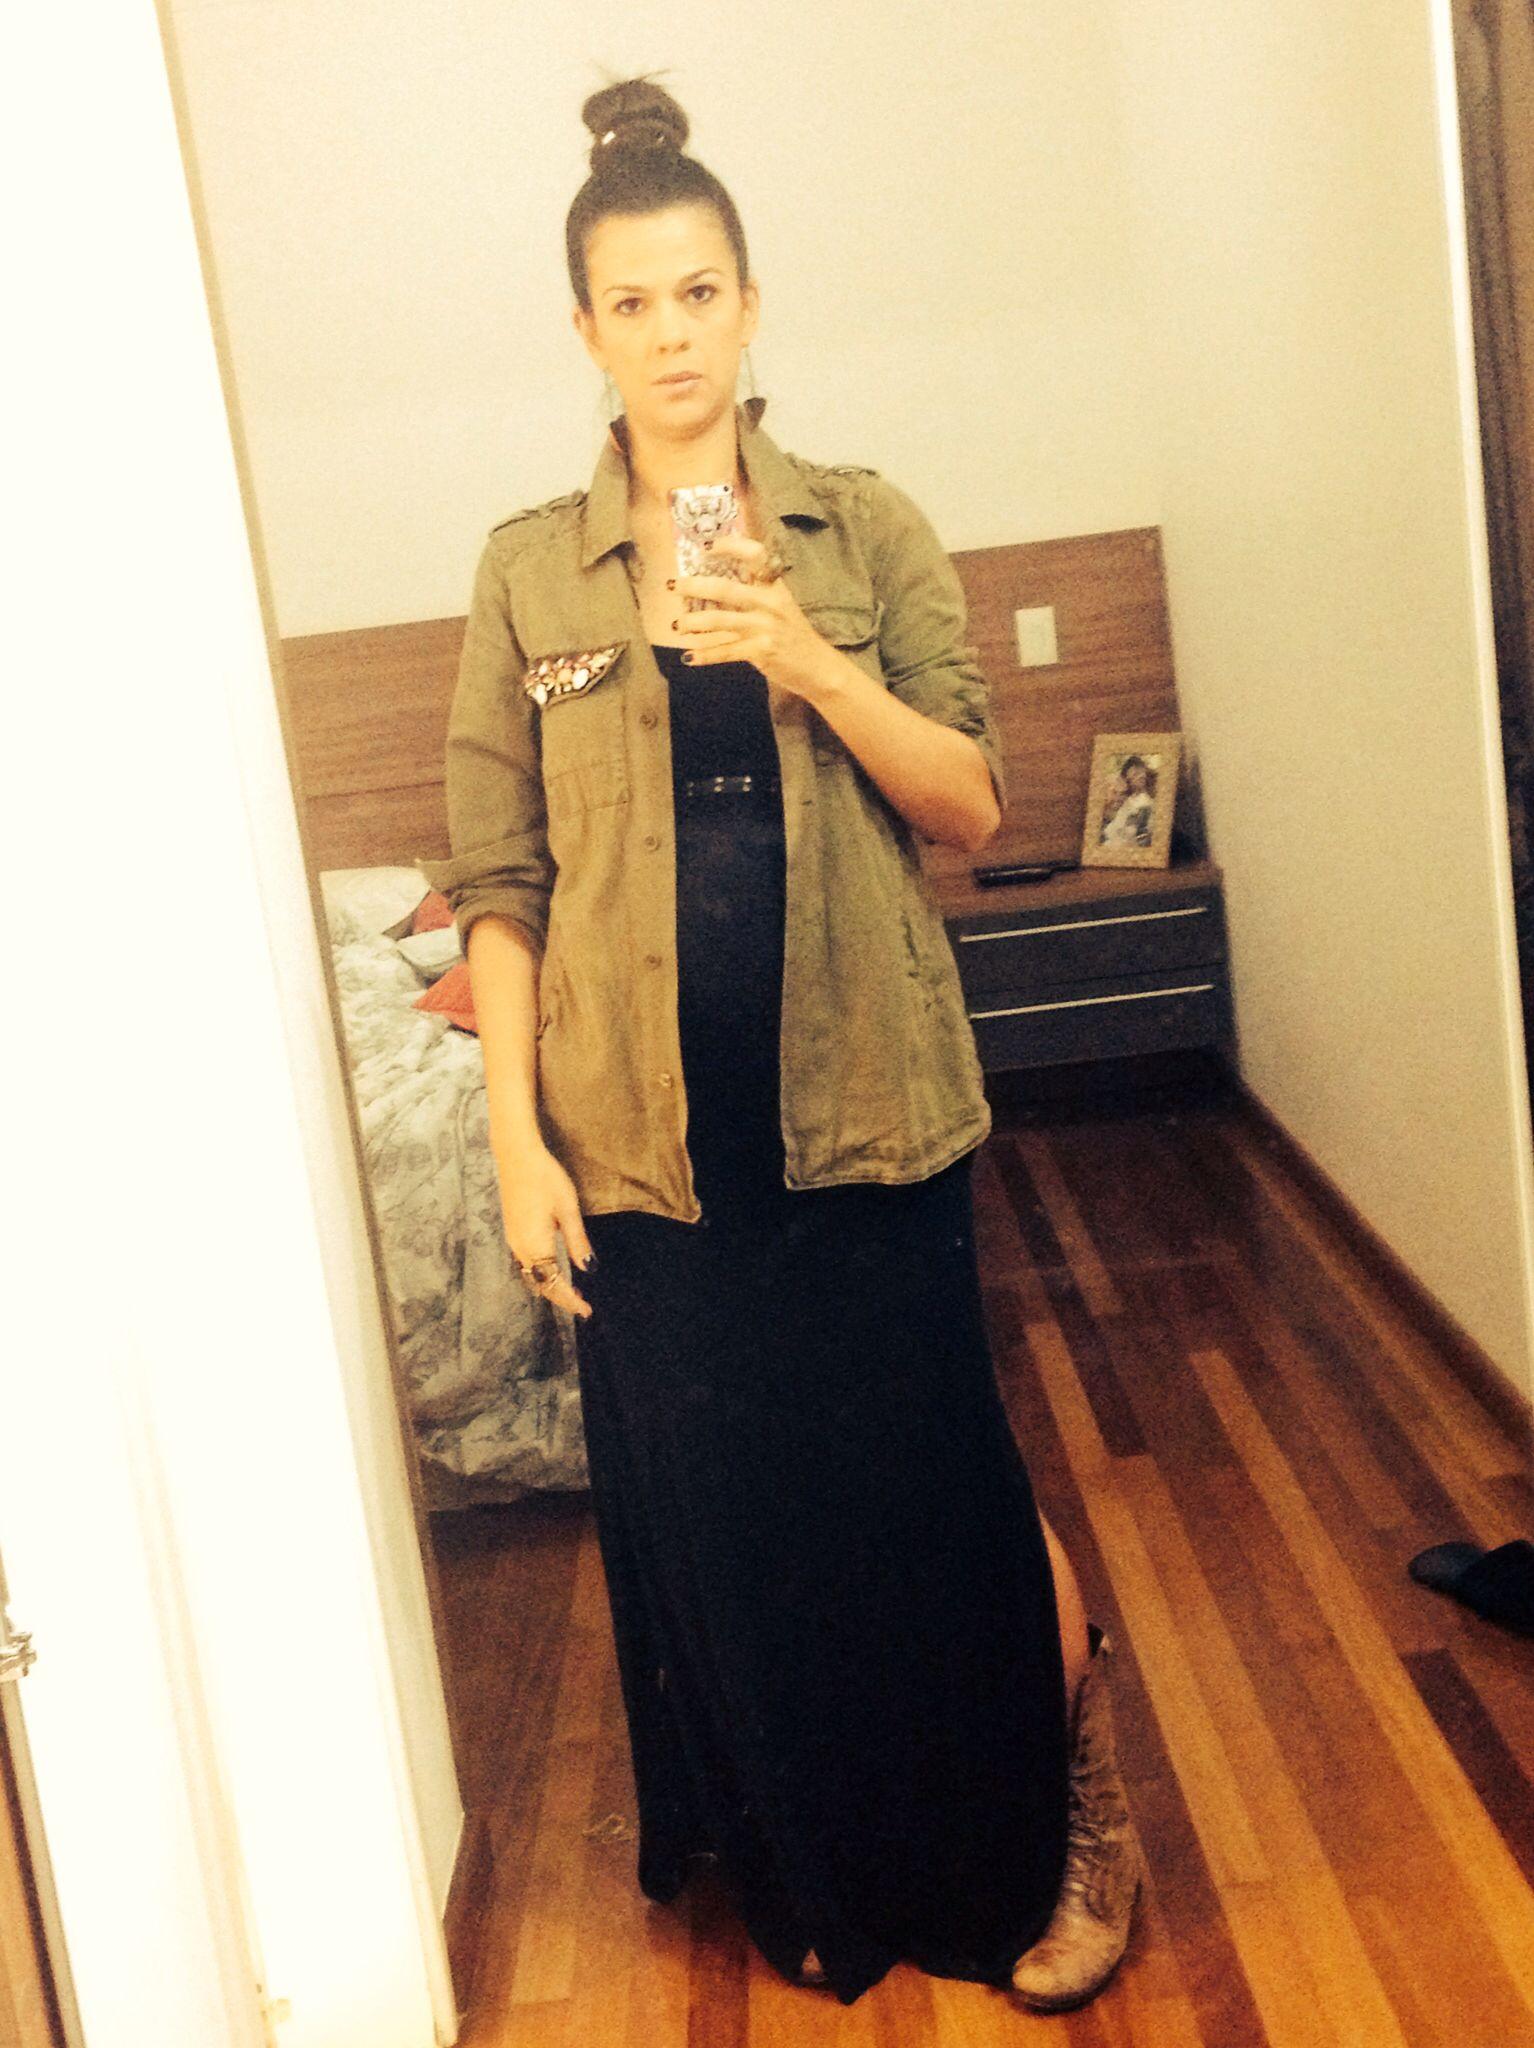 #pregnancystyle #militarismo #fashion